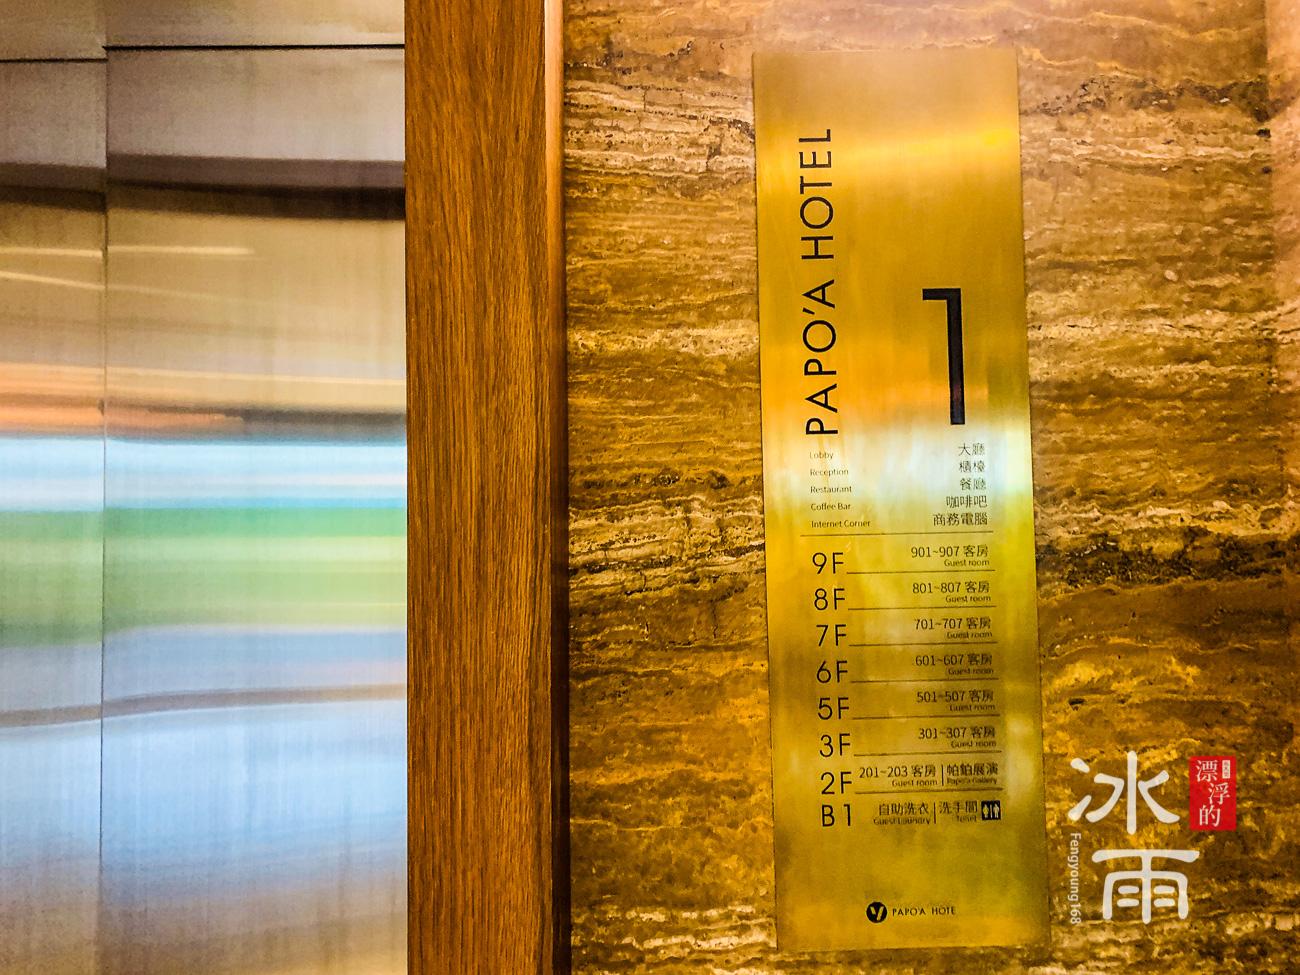 帕鉑舍旅 高雄住宿推薦 電梯口漂亮的燙金牌子